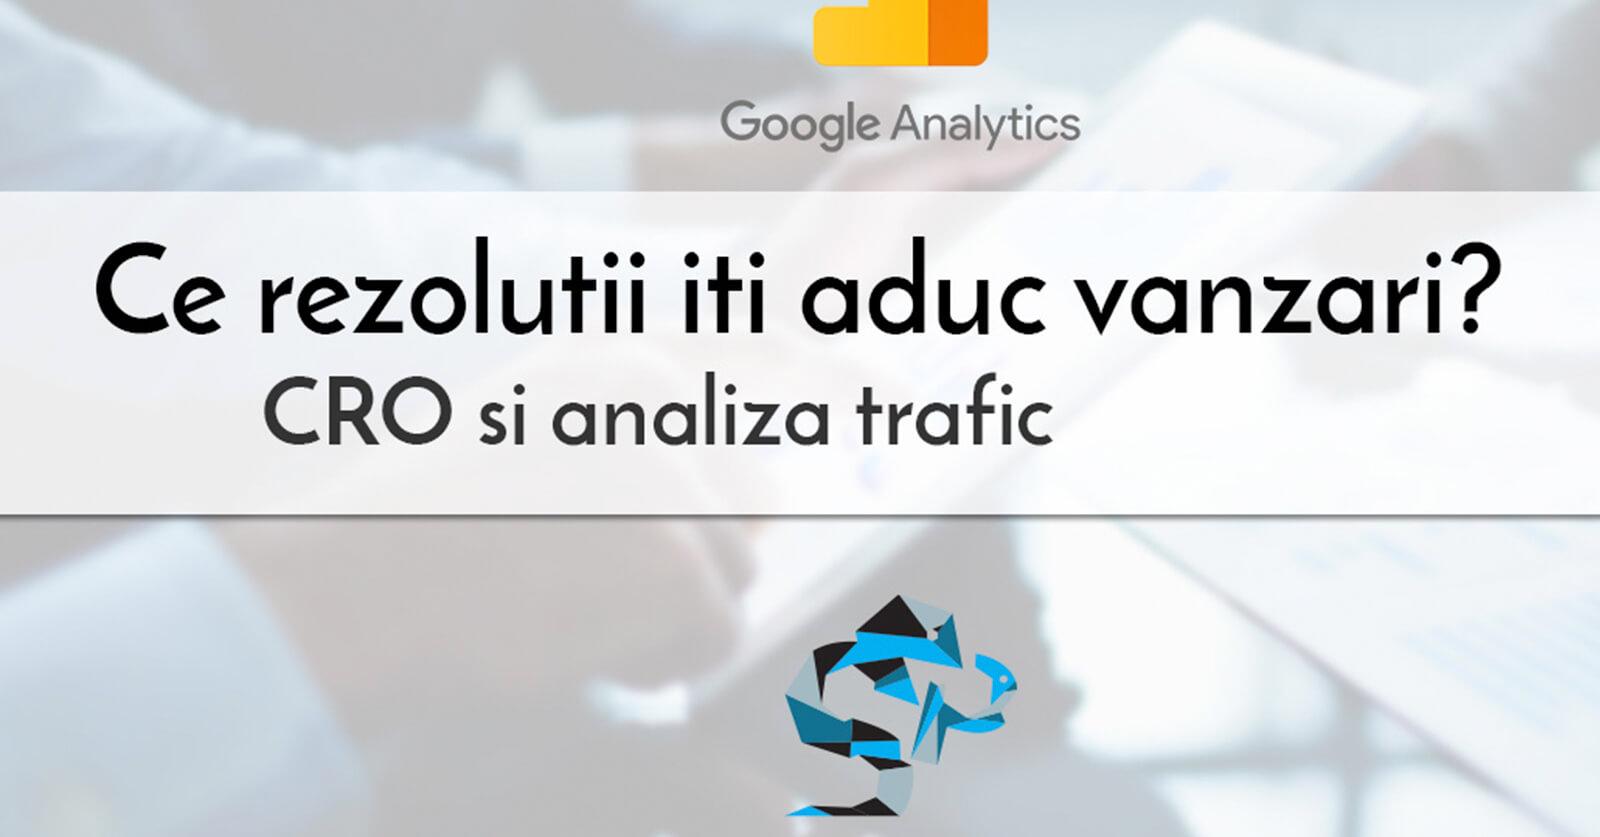 Ce rezolutii iti aduc vanzari? Optimizarea magazinului online – CRO cu ajutorul Google Analytics